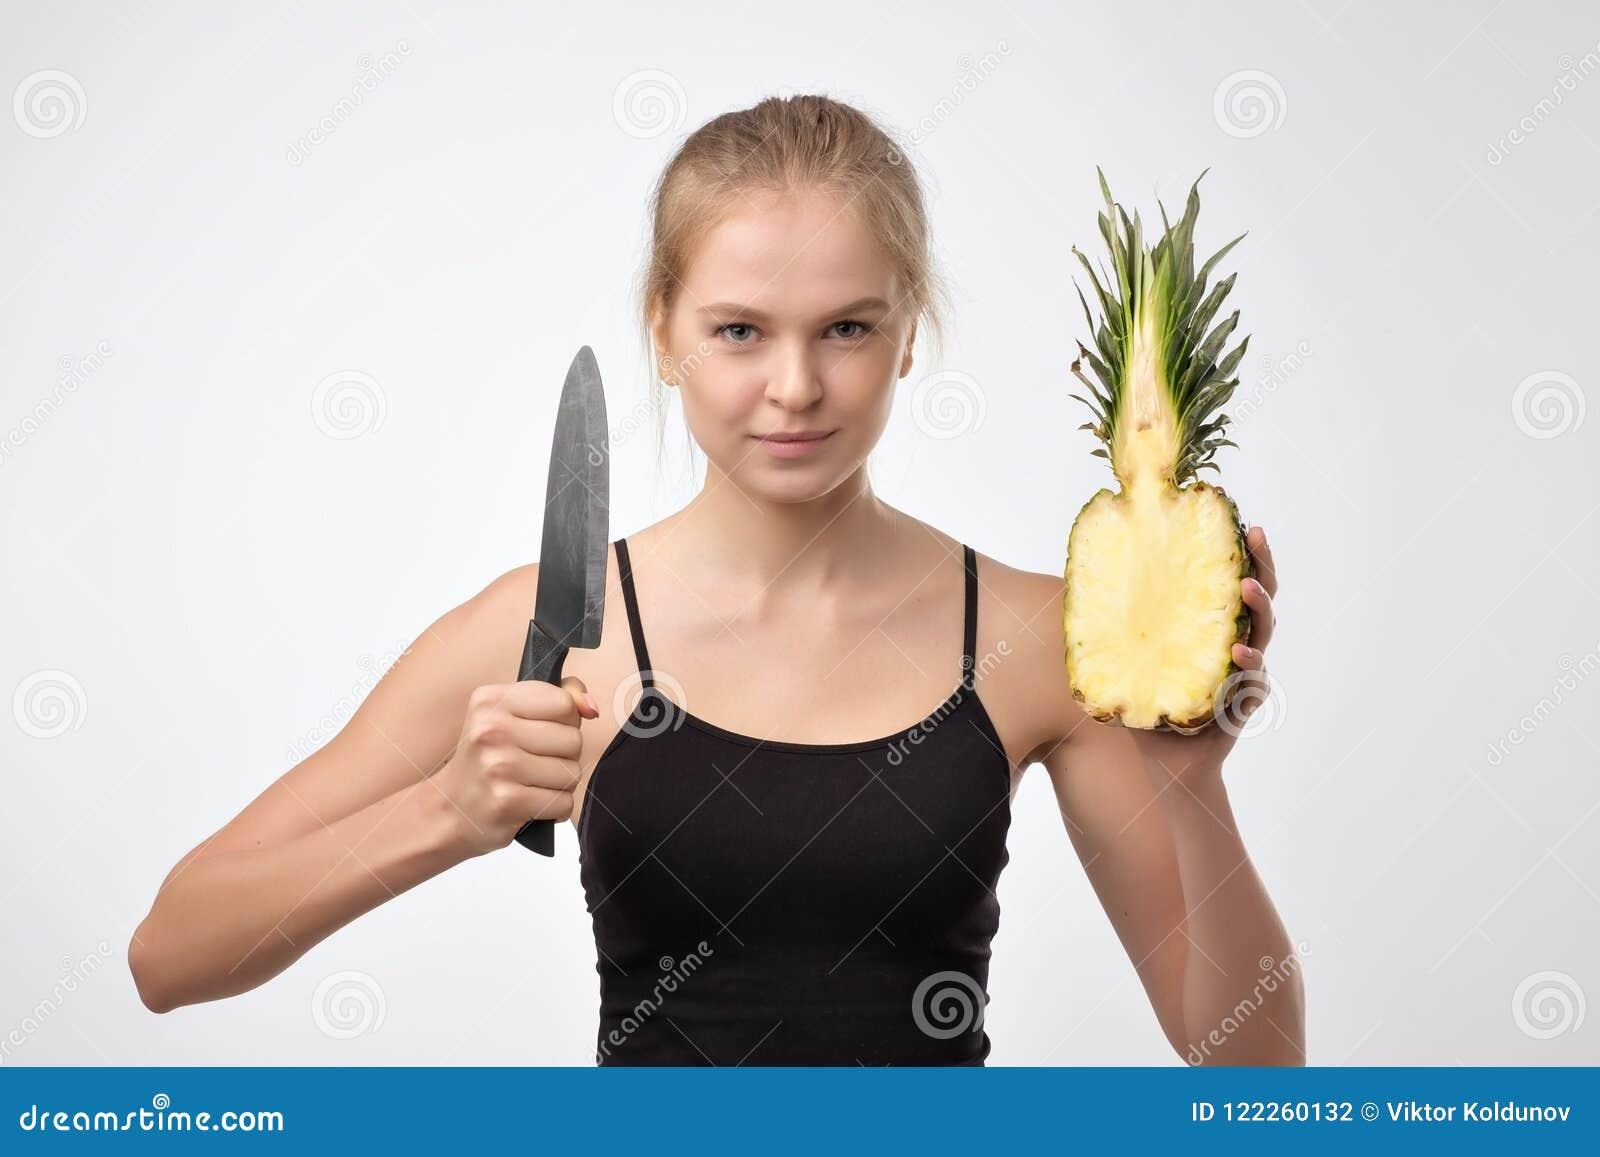 Portret blondynki kobieta która utrzymuje ananasa i noża w rękach przeciw białemu tłu